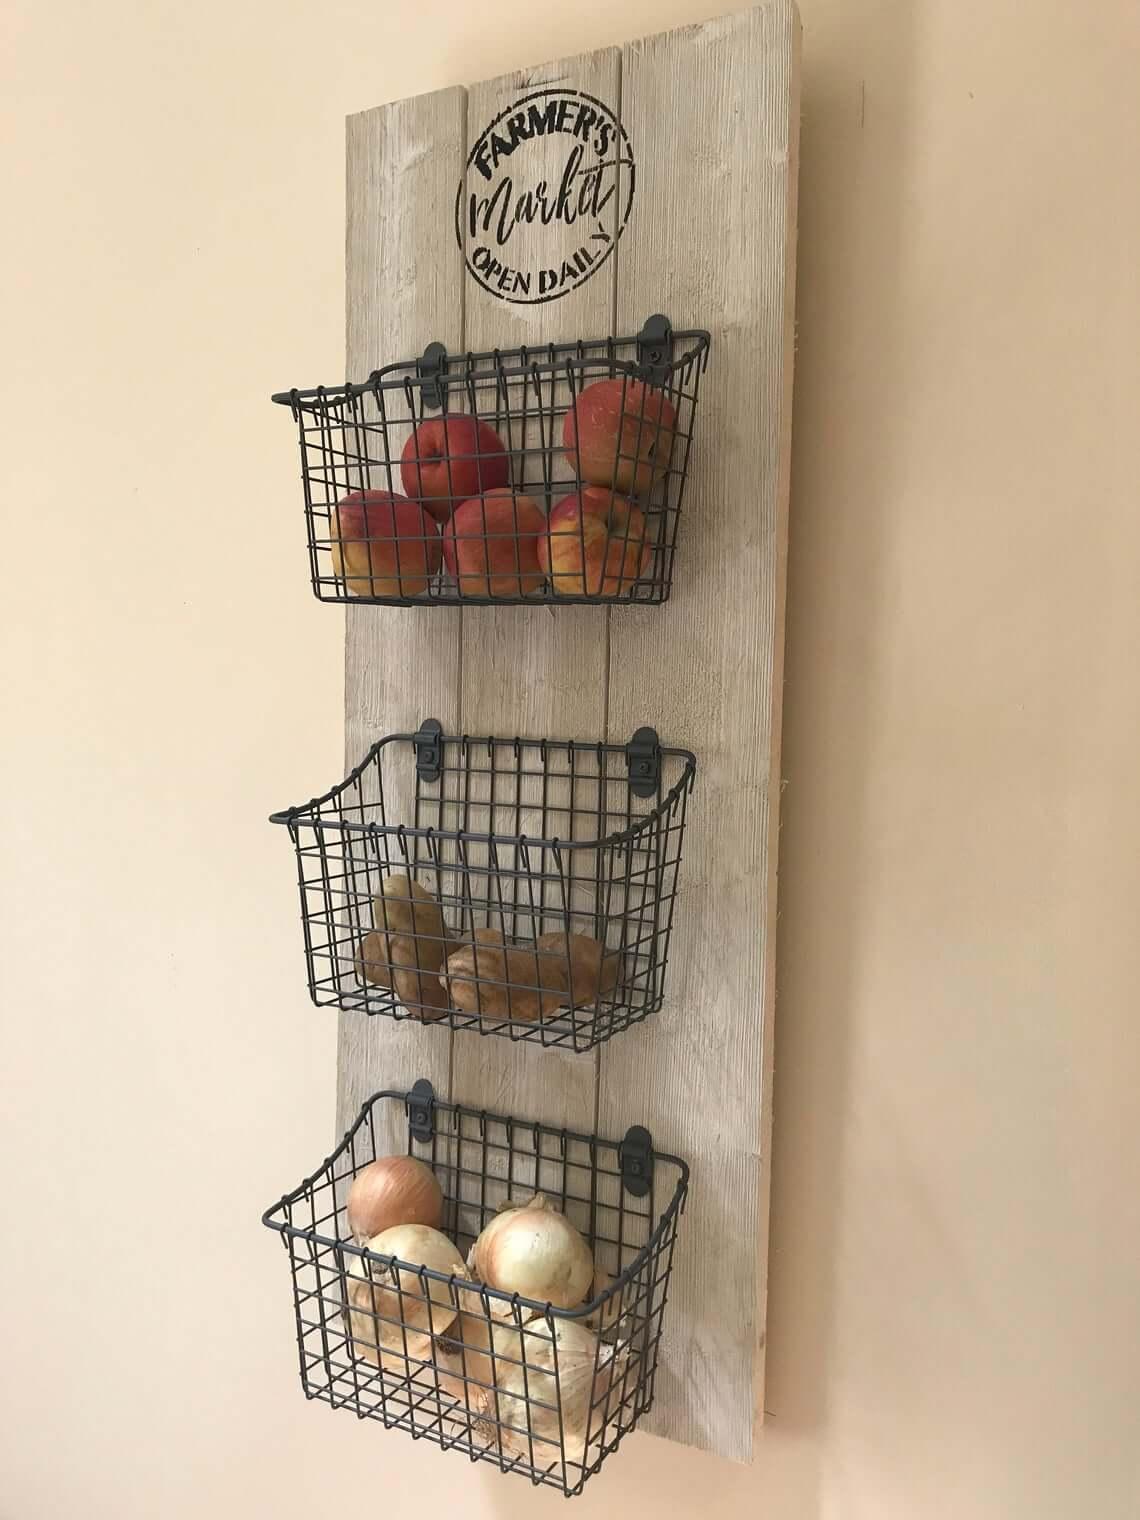 Farmer's Market Hanging Kitchen Organizer with Baskets